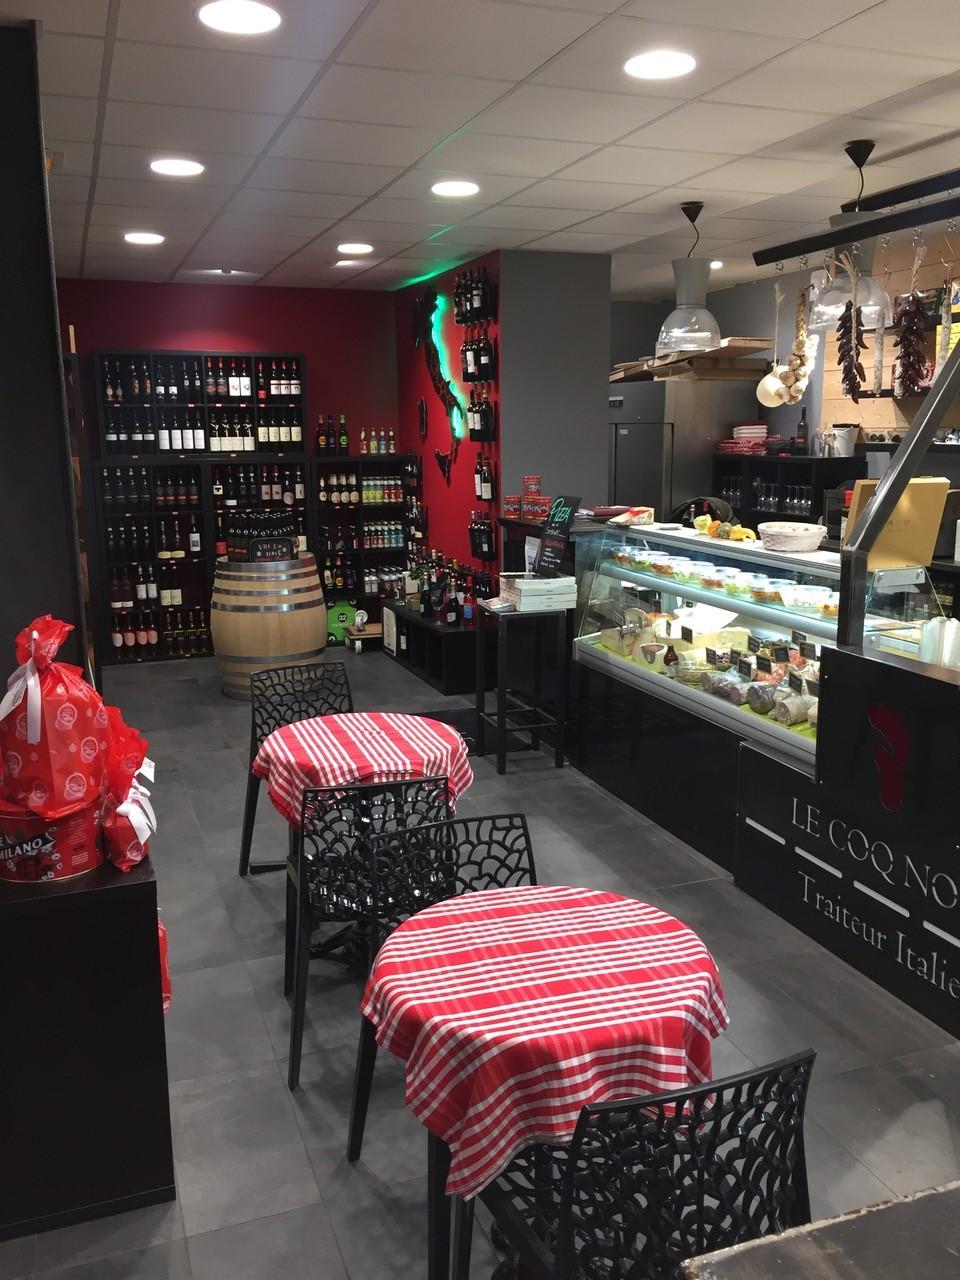 dimitri-danger-architecte-restaurant-pizzeria-caen02